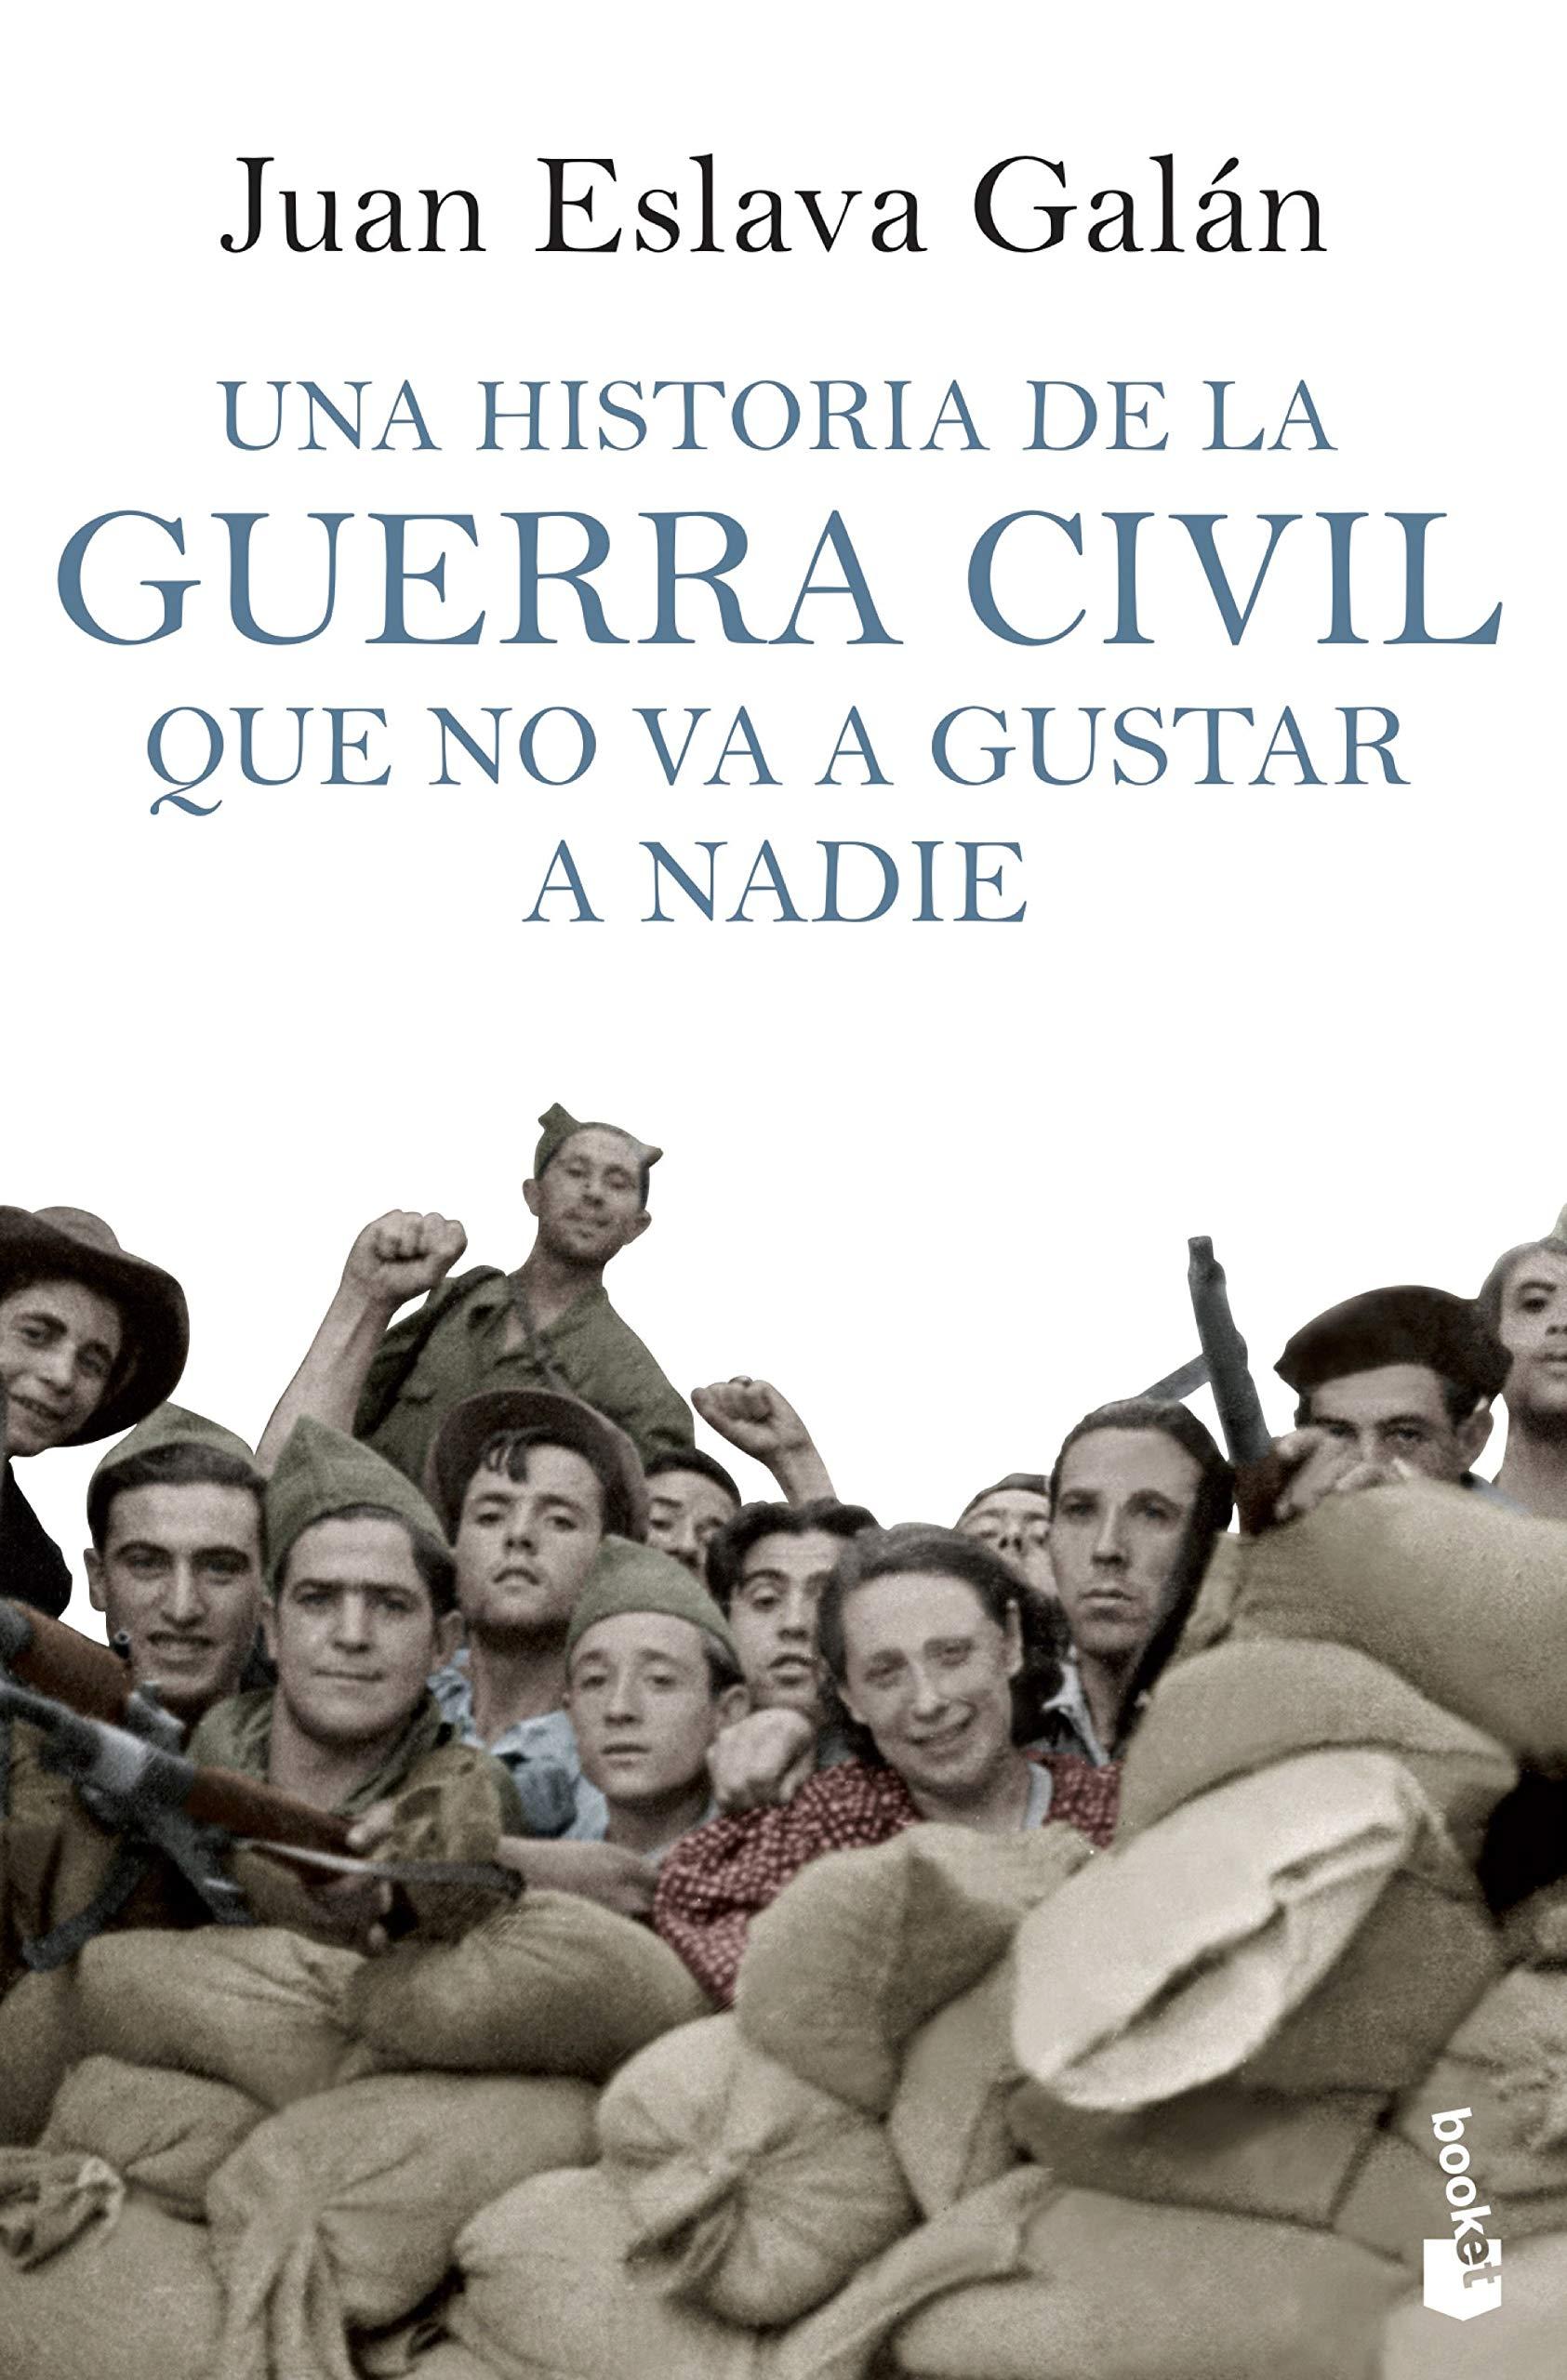 Una historia de la guerra civil que no va a gustar a nadie: 7 Divulgación: Amazon.es: Eslava Galán, Juan: Libros